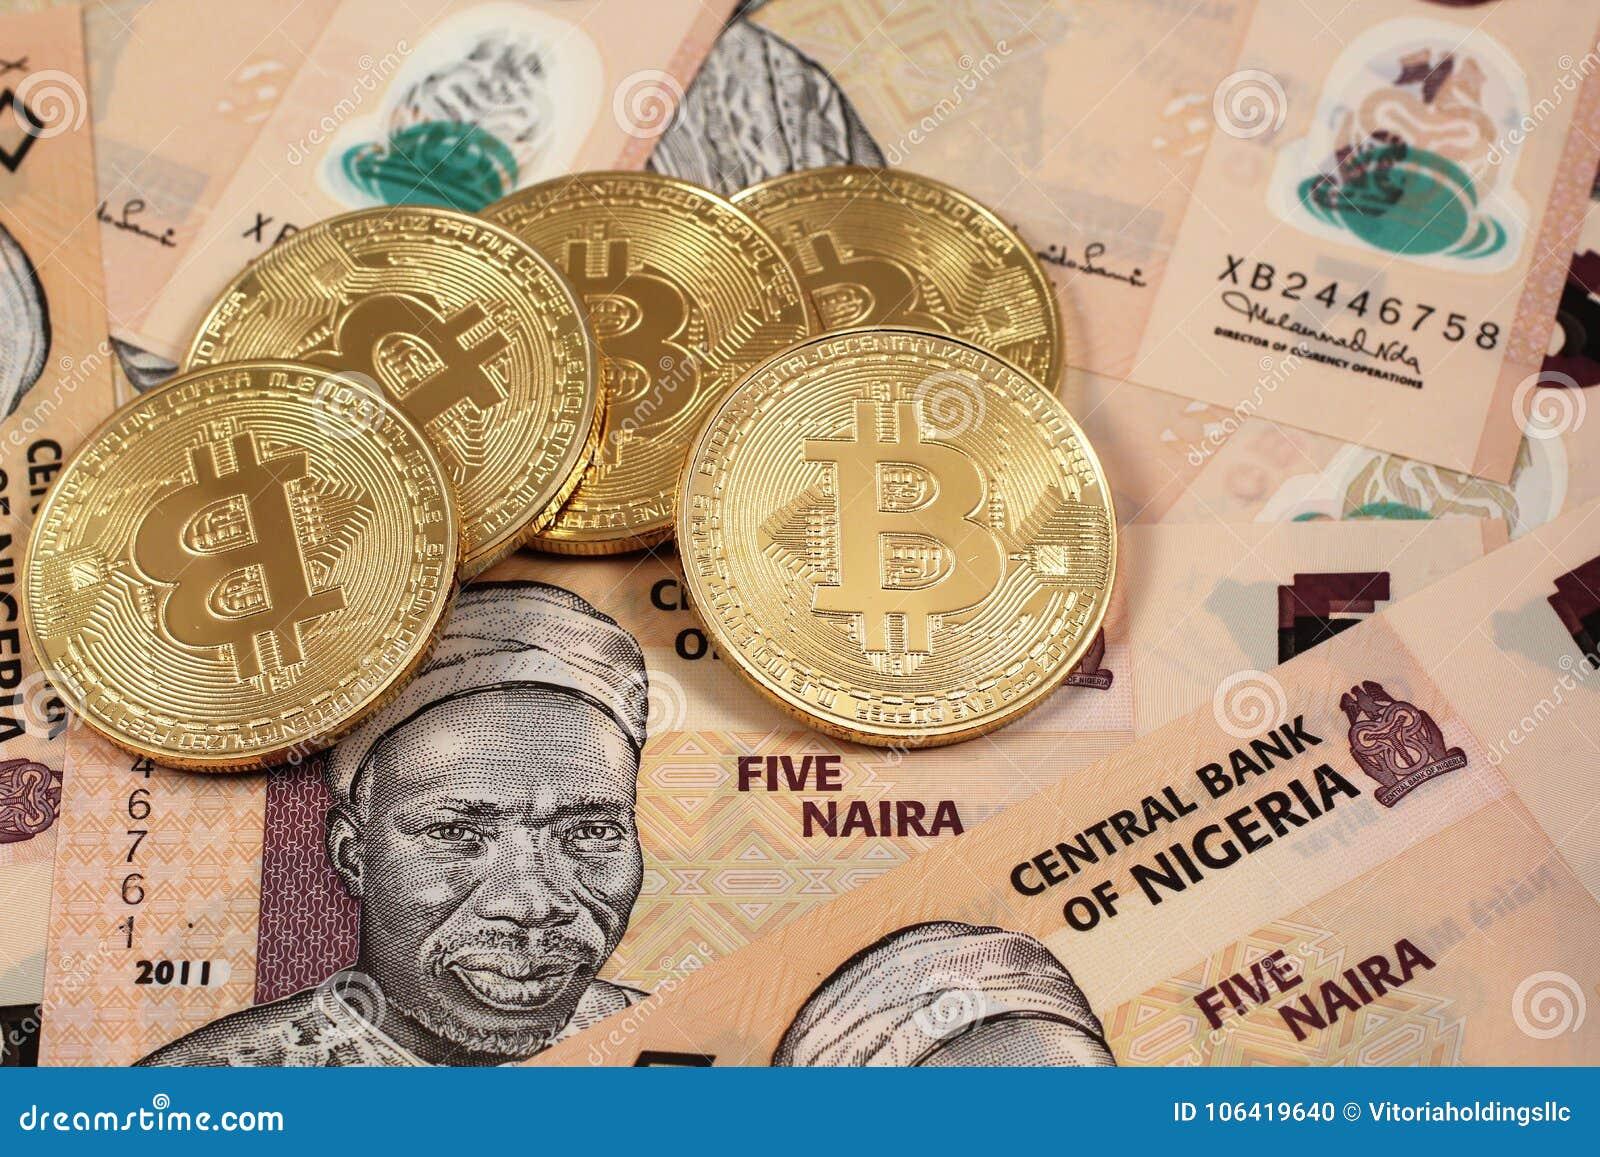 come calcolare bitcoin a naira fare mercati crypto vicino